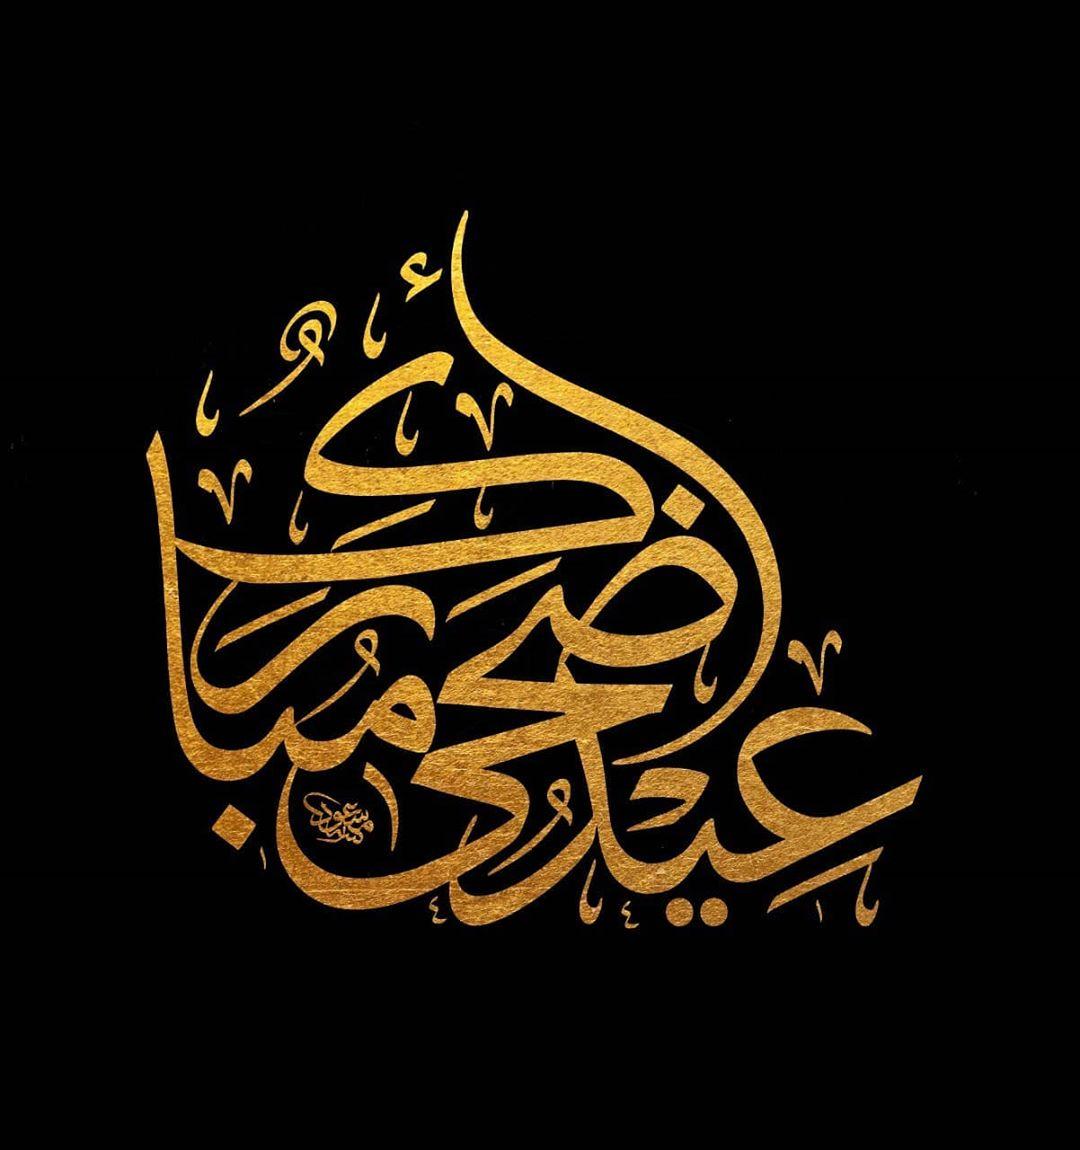 Download Kaidah Kaligrafi dan Karya Naskhi Tsulust جعل الله عيدكم فرحة بأعمالٍ قُبلت  وذنوب مُحيت ودرجات رُفعت ورقاب عُتقت من ال…-alkhattatmasud